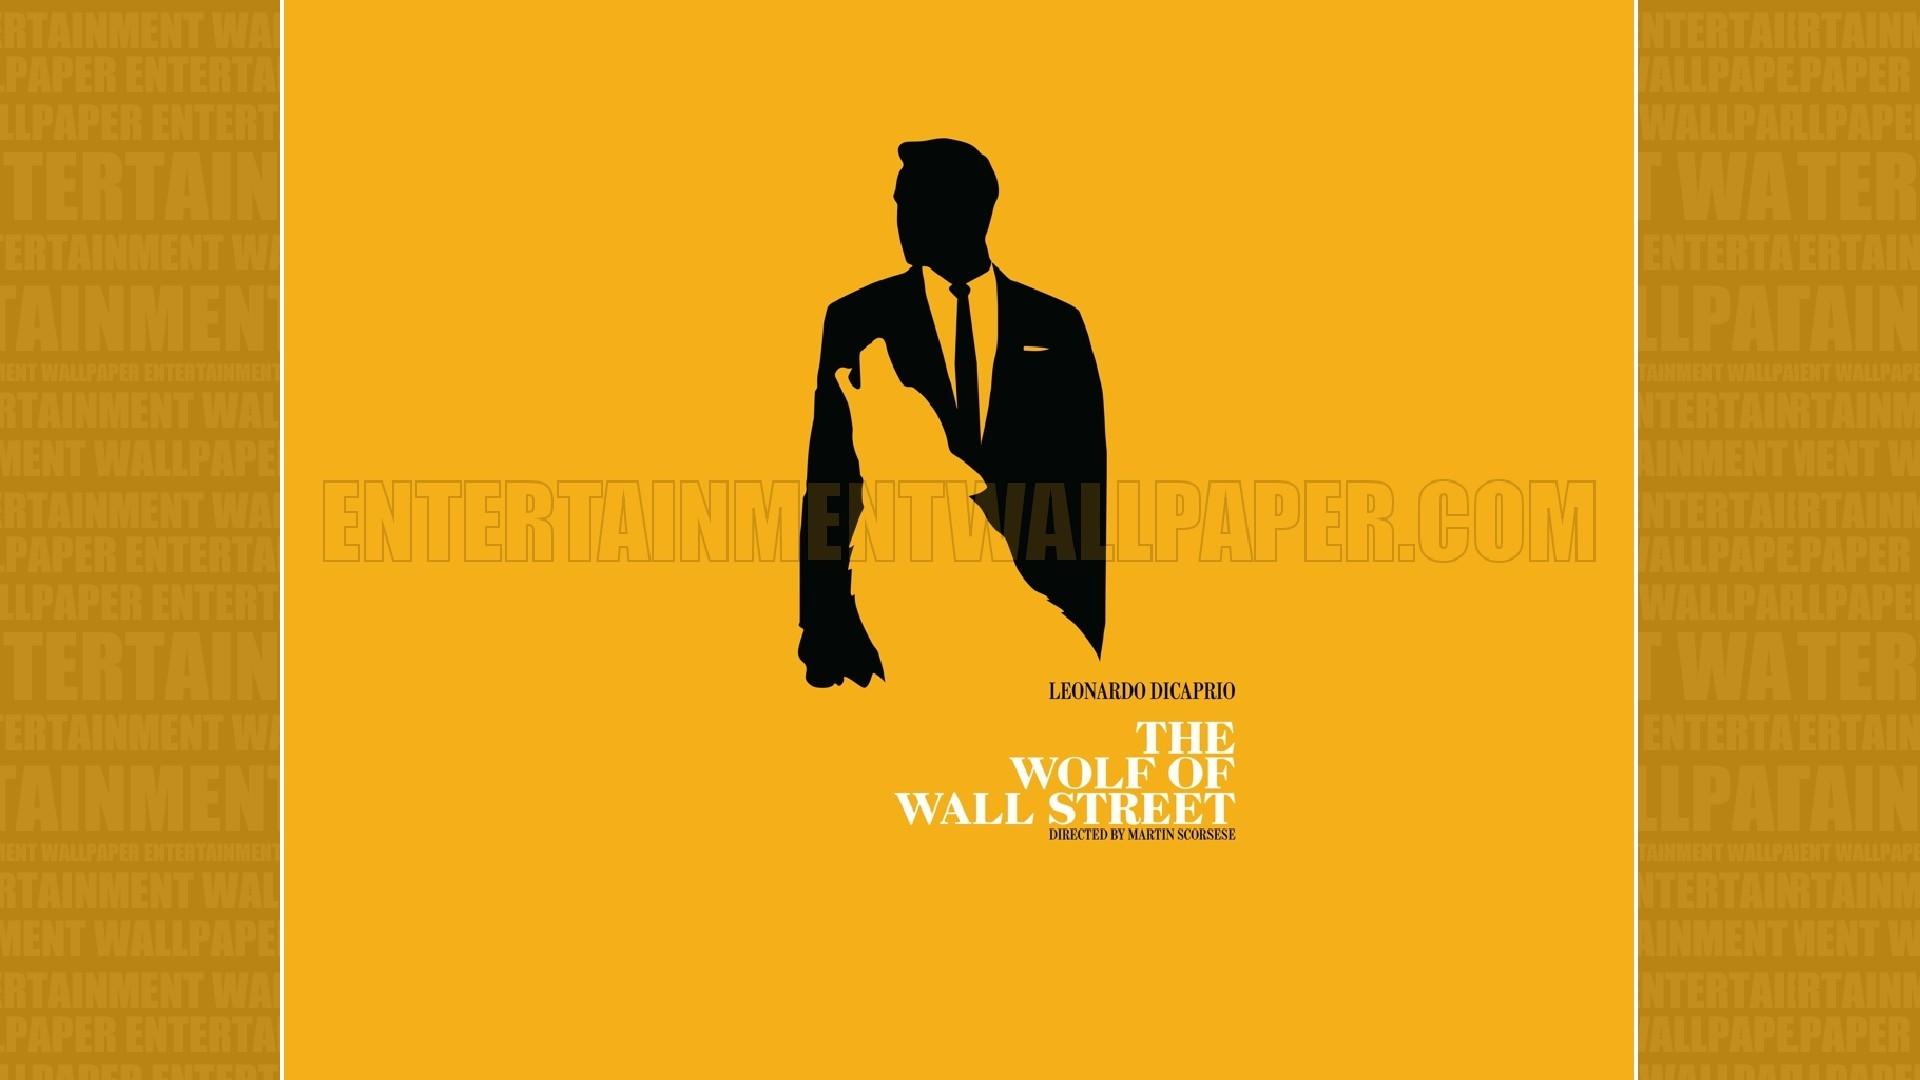 Wallstreet Wallpaper 72 Images